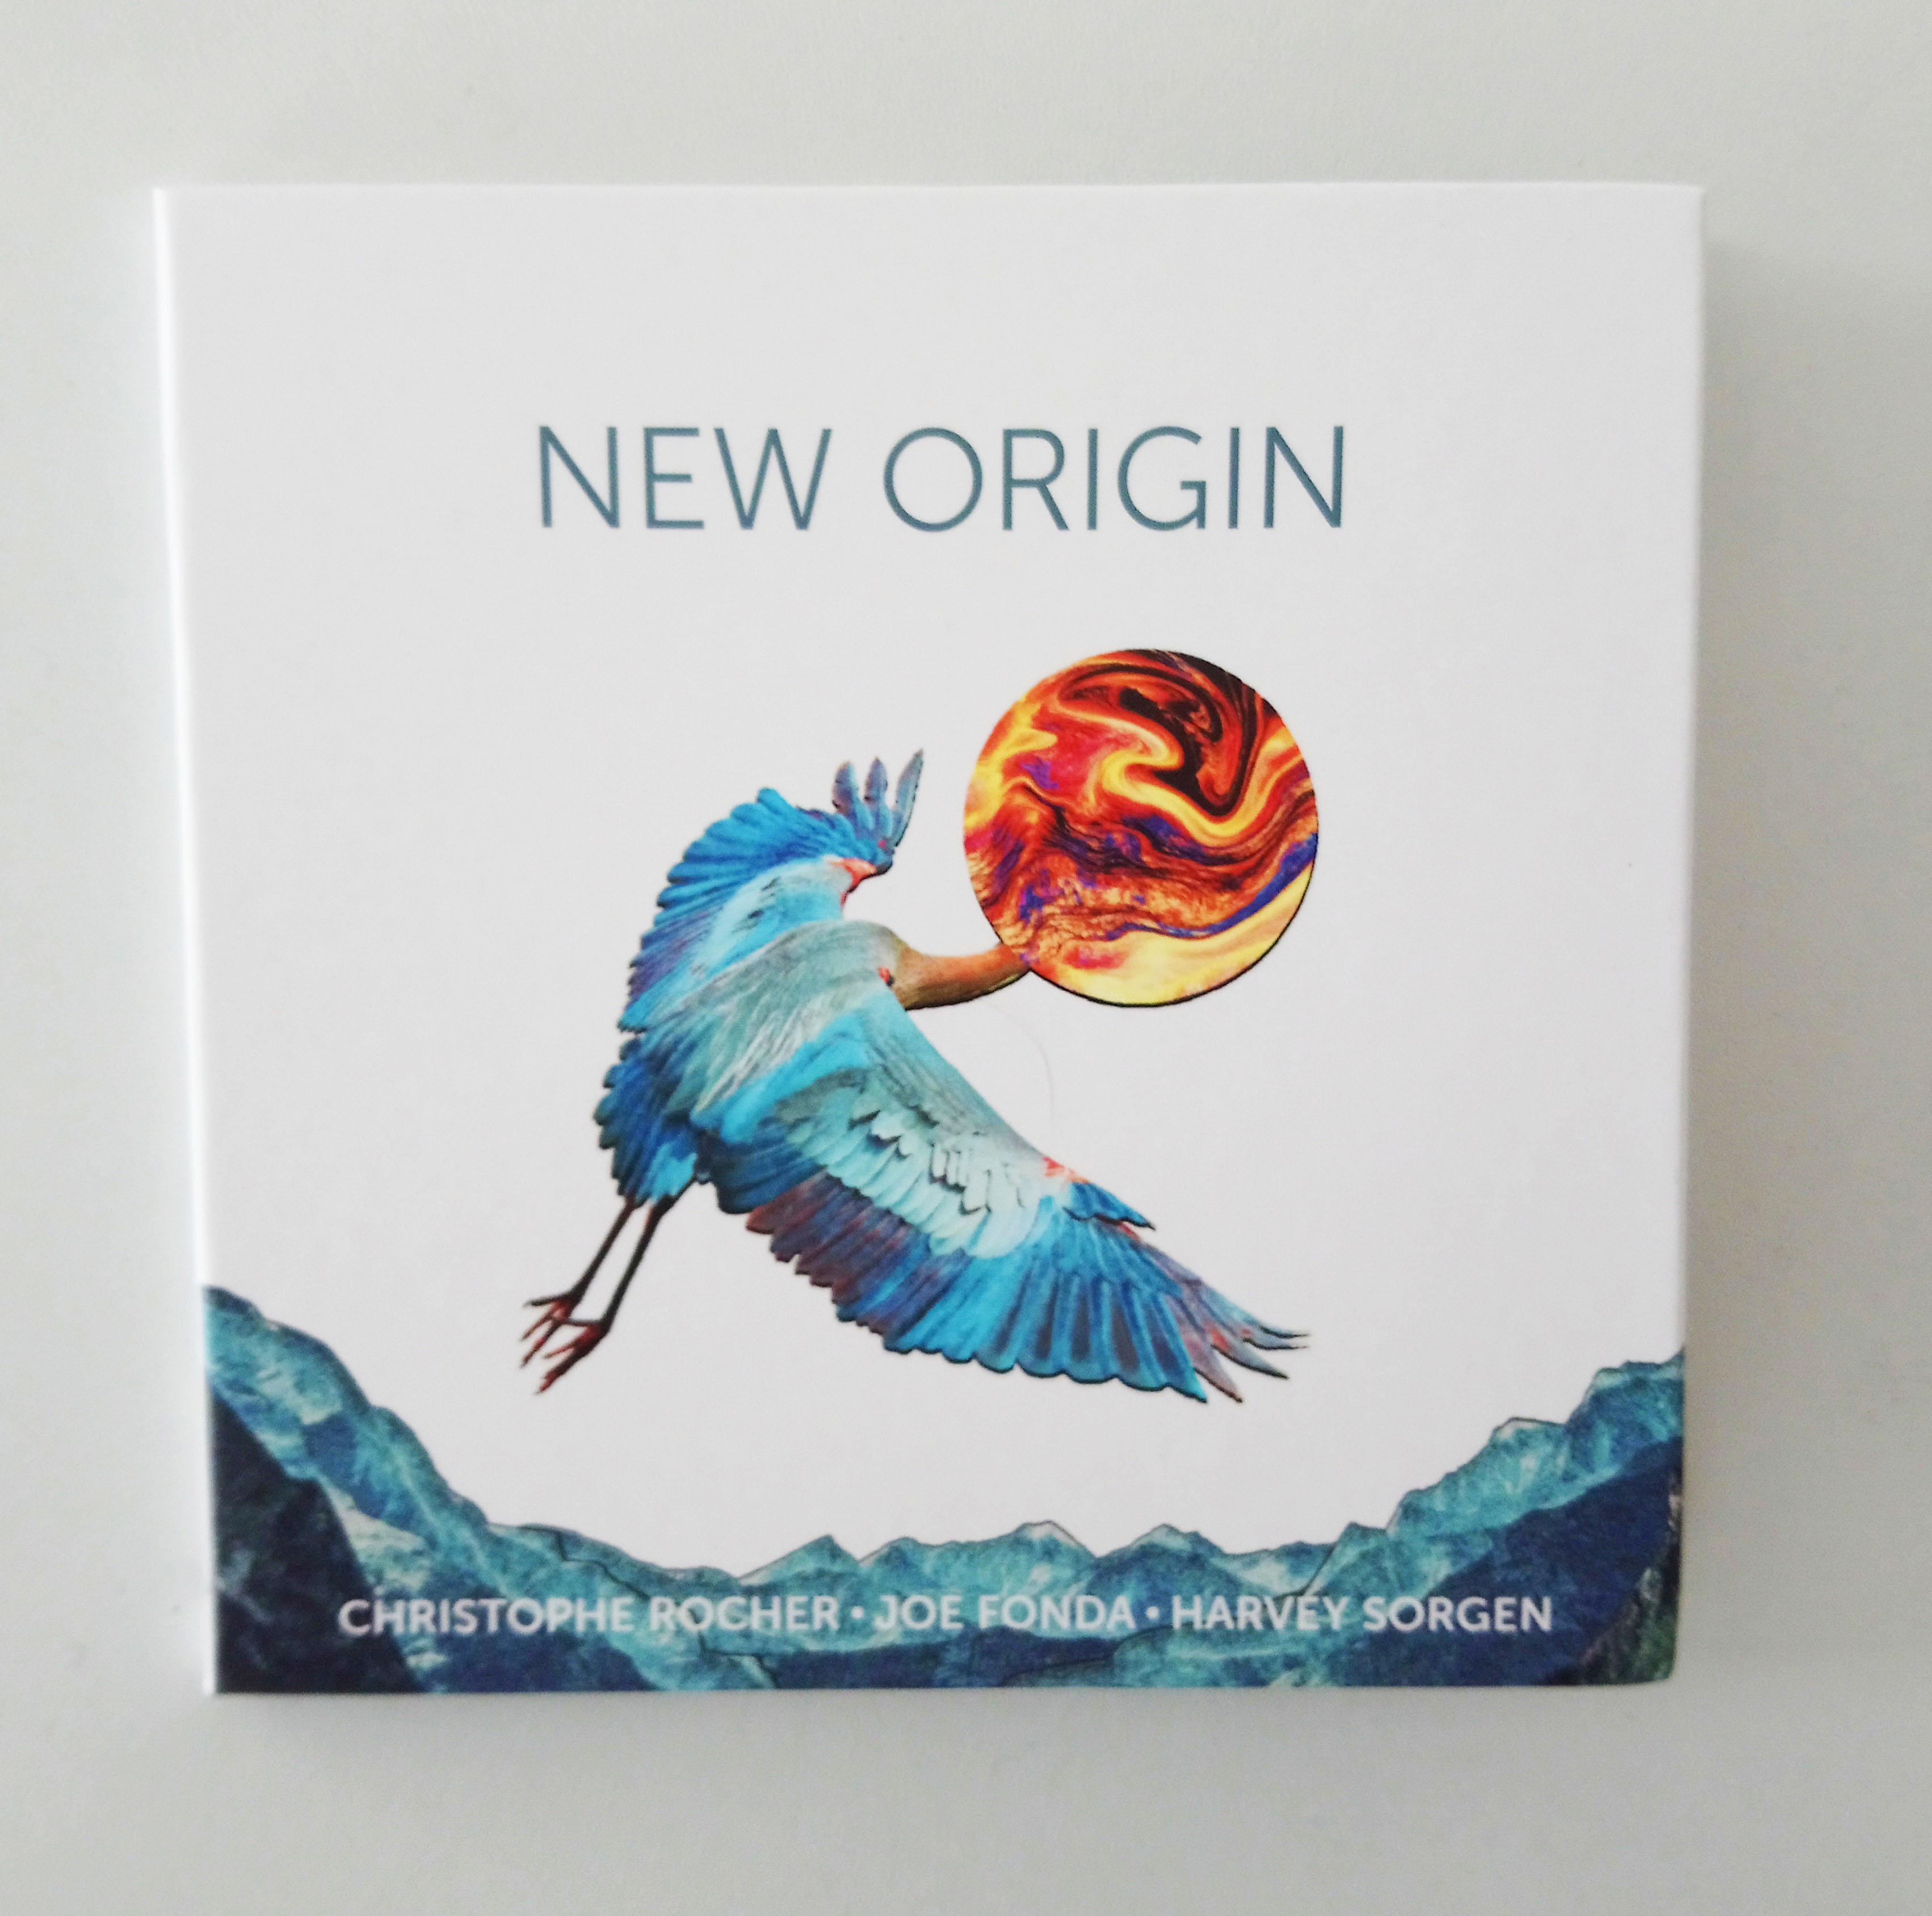 NEW ORIGIN, l'album